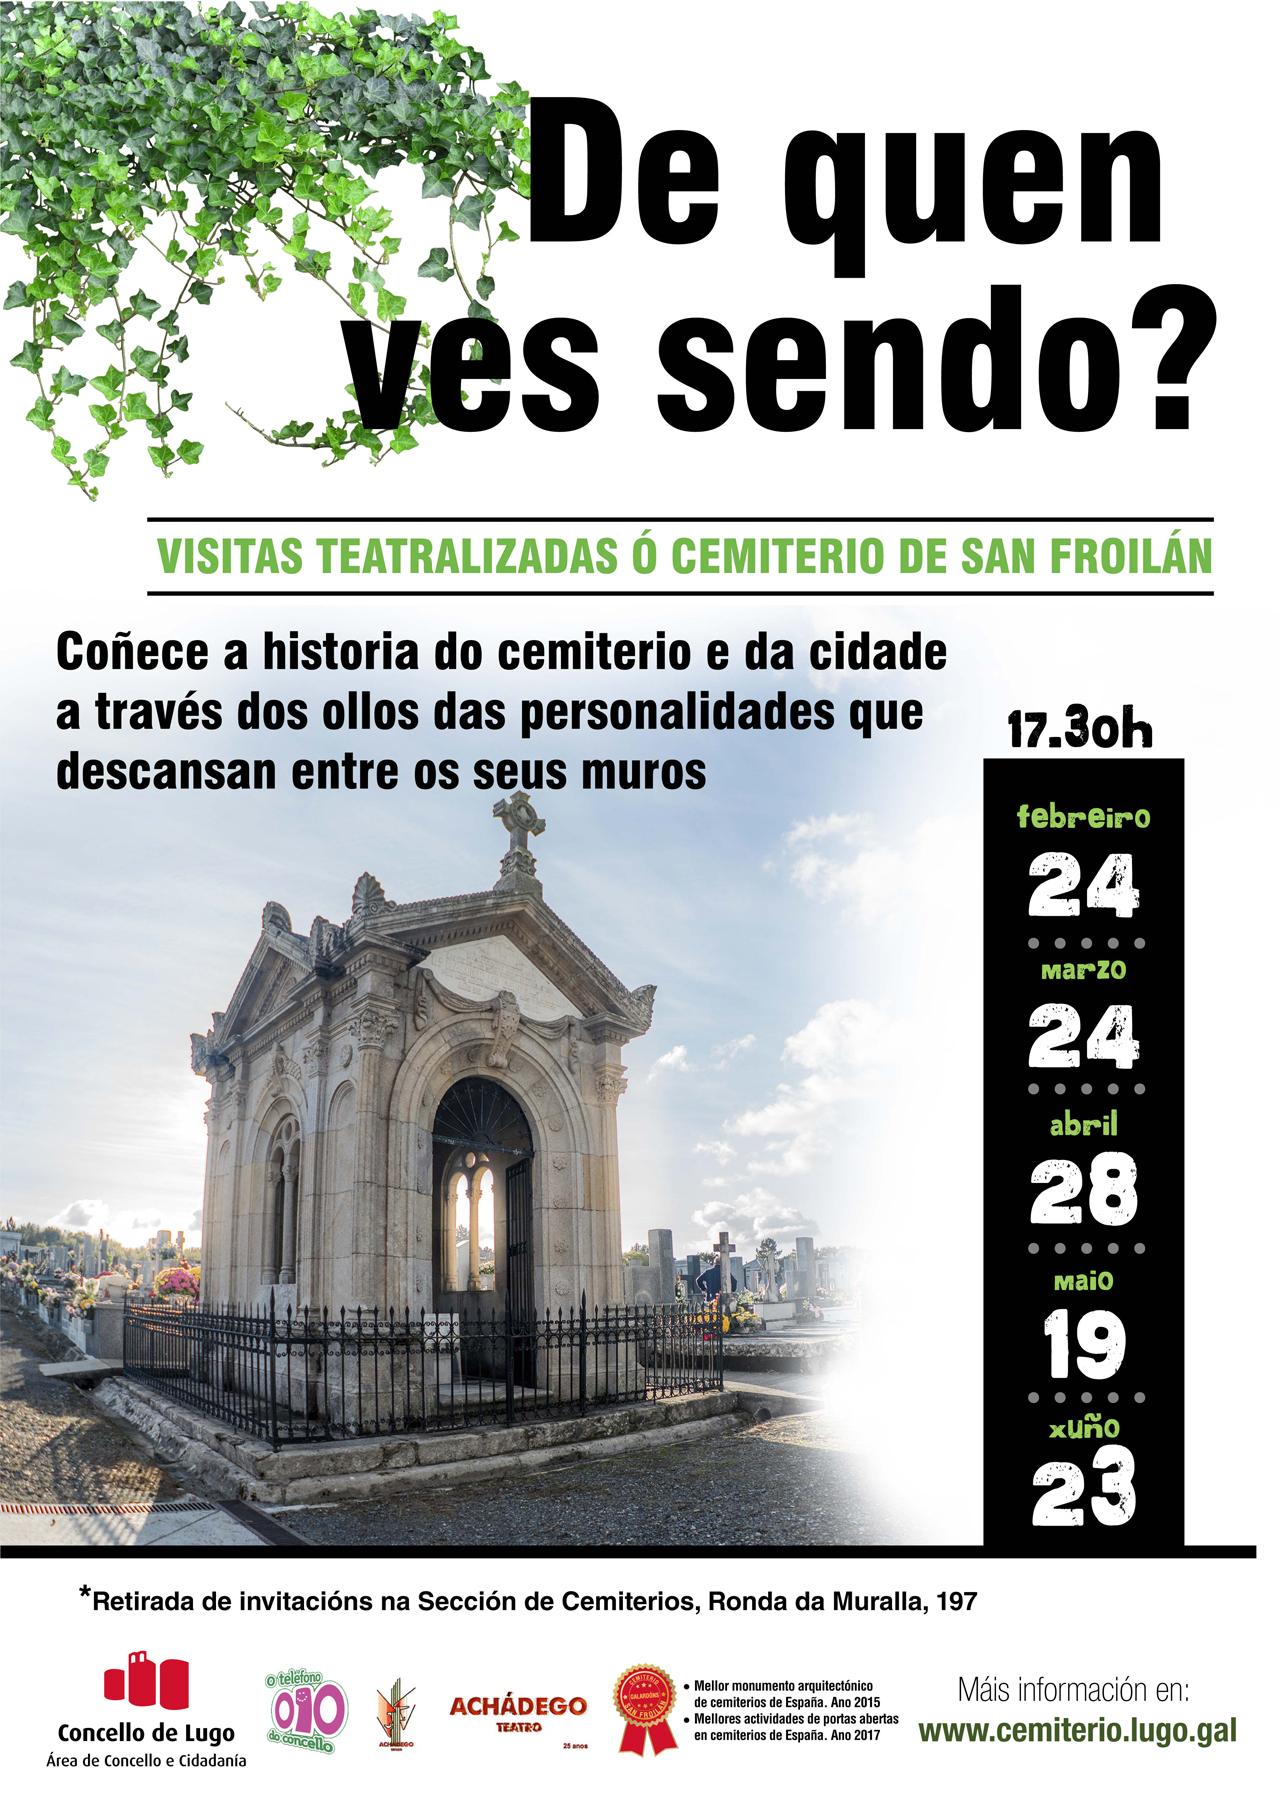 Visitas teatralizadas gratuítas ao Cemiterio de San Froilán